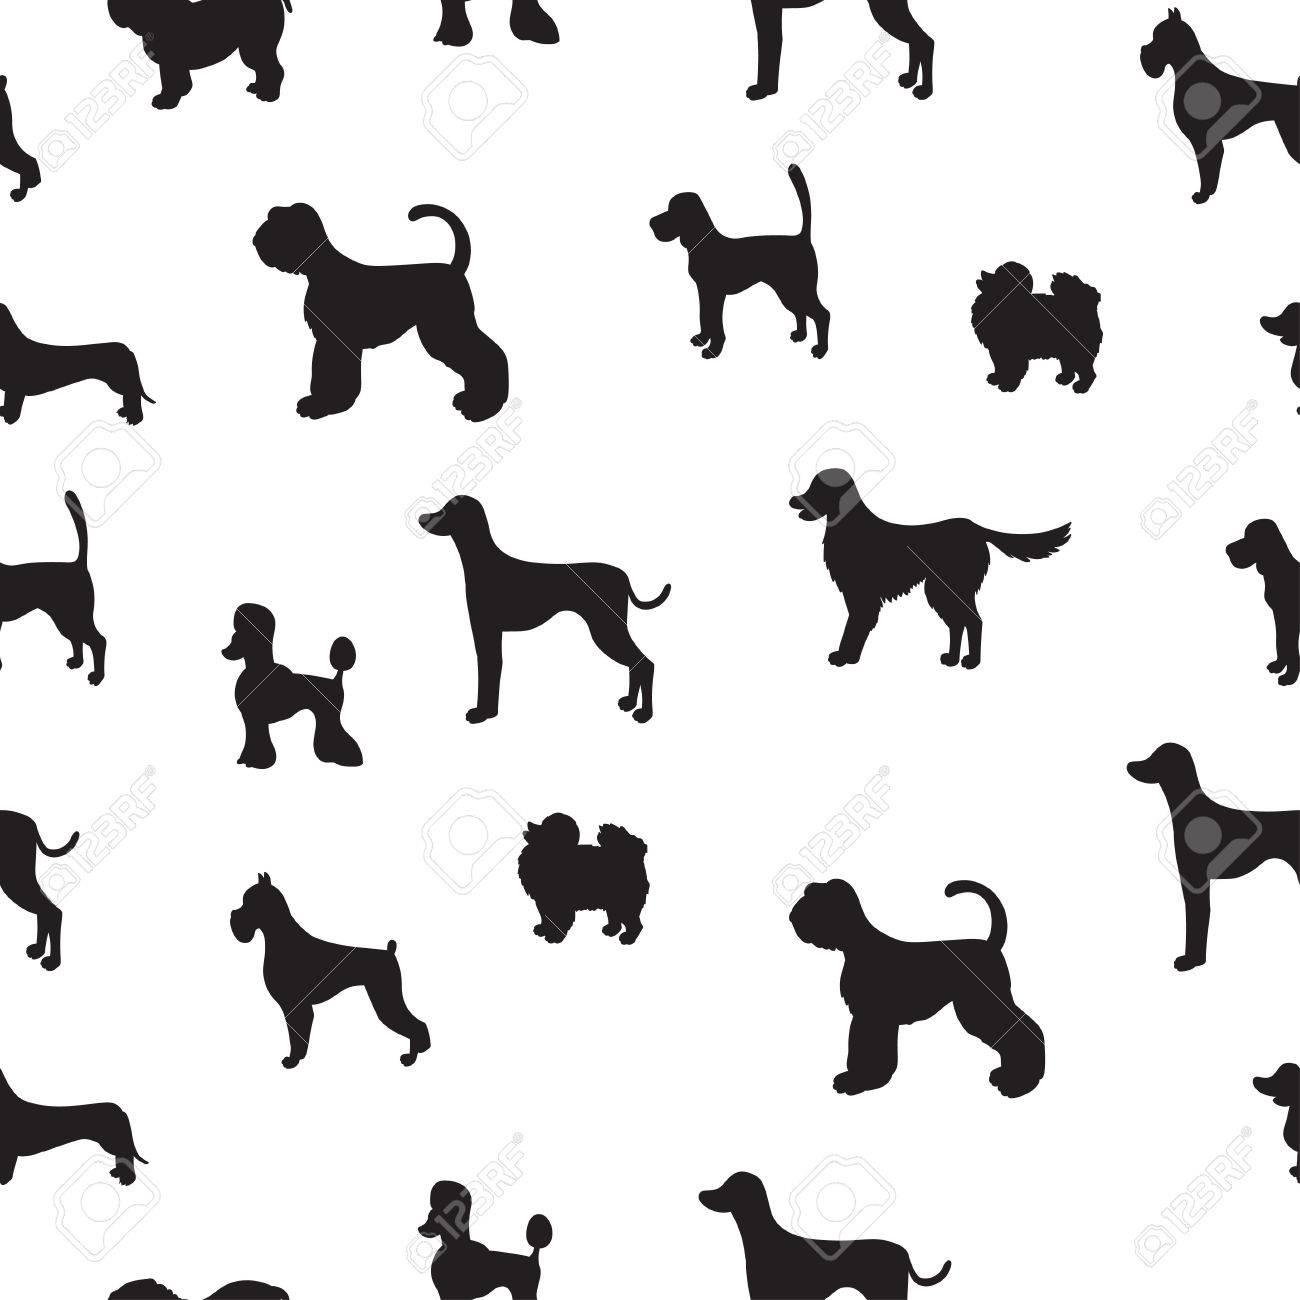 Inusual Patrón Sin Costuras Con Siluetas De Perros. Conjunto De ...